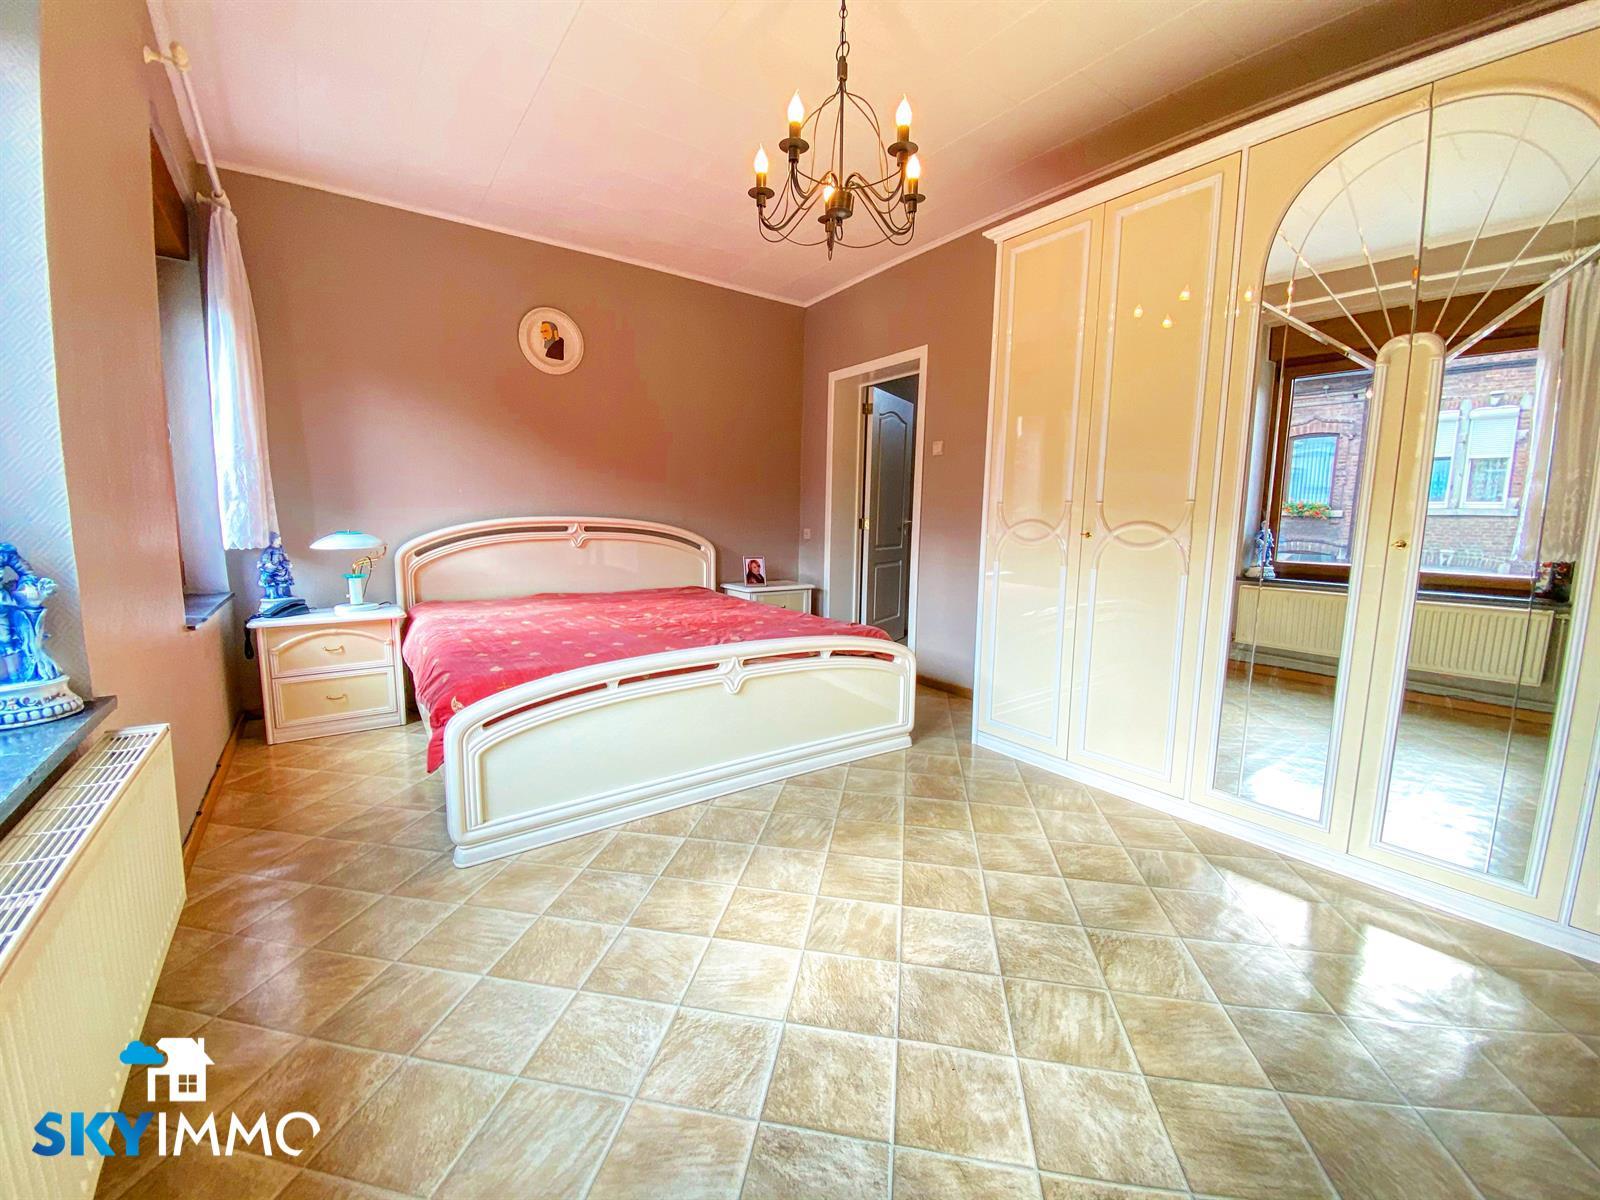 Maison unifamiliale - Liege - #4245907-18